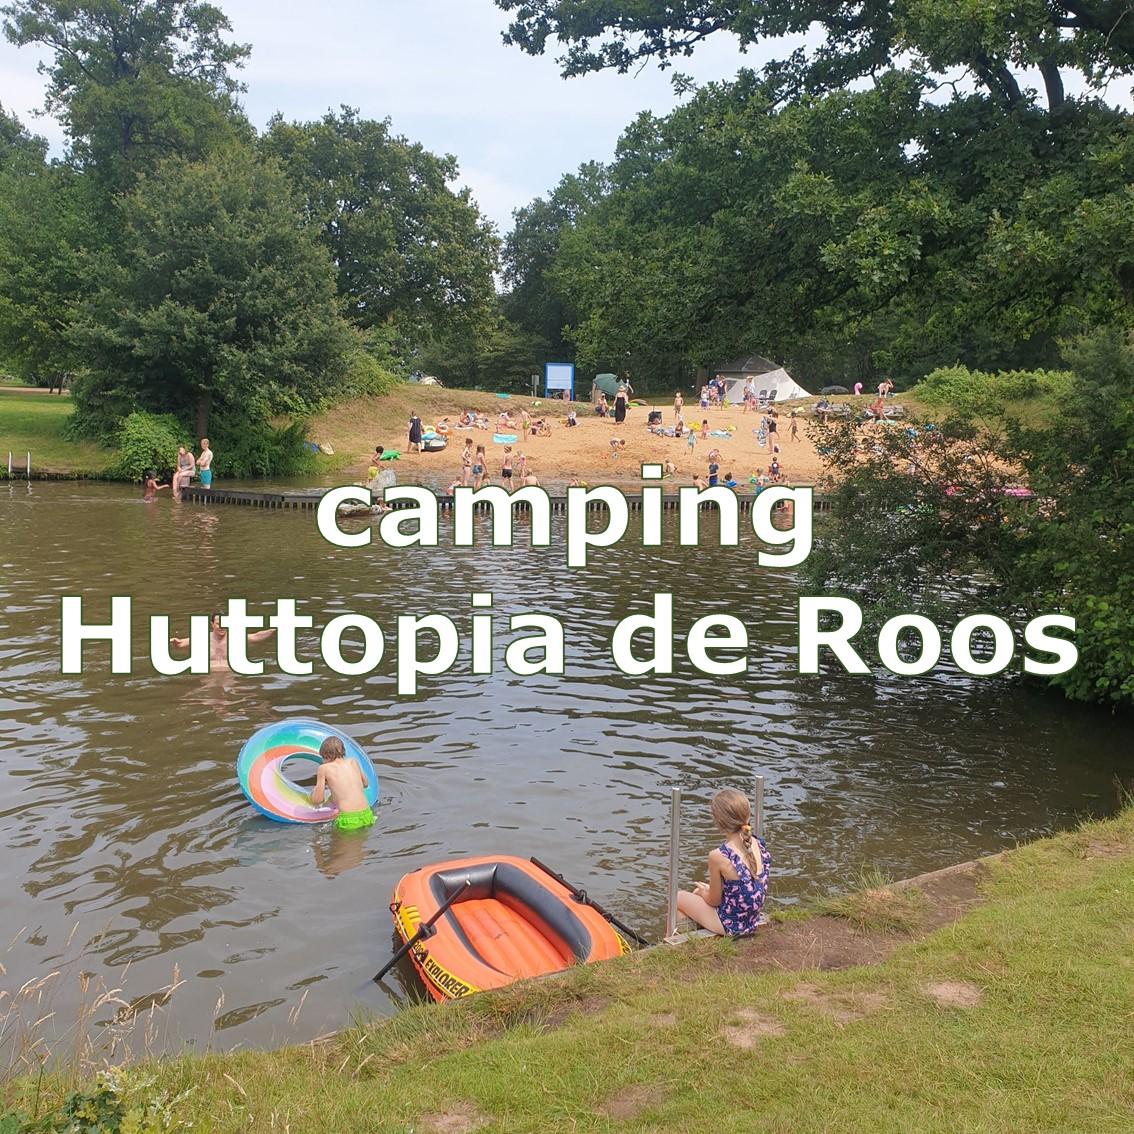 Huttopia de Roos: review van kindvriendelijke natuur camping in Overijssel. Deze zomer verbleven we bij Huttopia de Roos, een kindvriendelijke natuur camping. De camping ligt in Beerze bij Ommen, een prachtig gebied in het Vechtdal in Overijssel. Tijd voor een review!